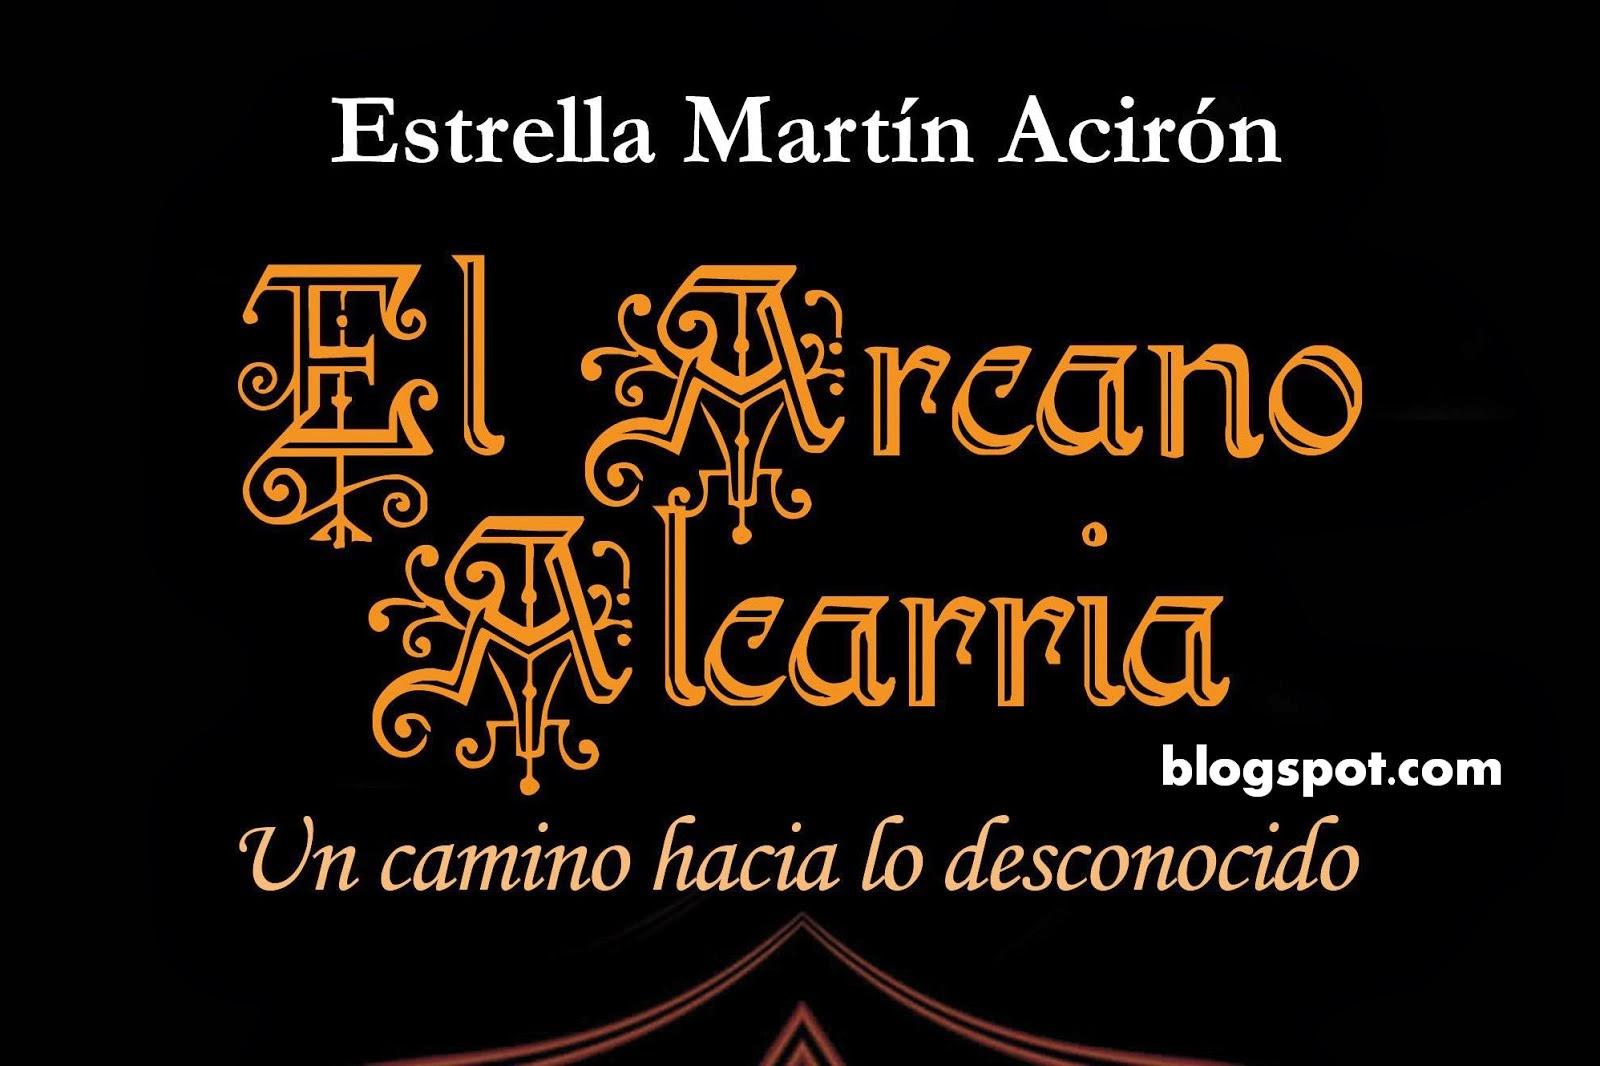 El arcano Alcarria.blogspot.com